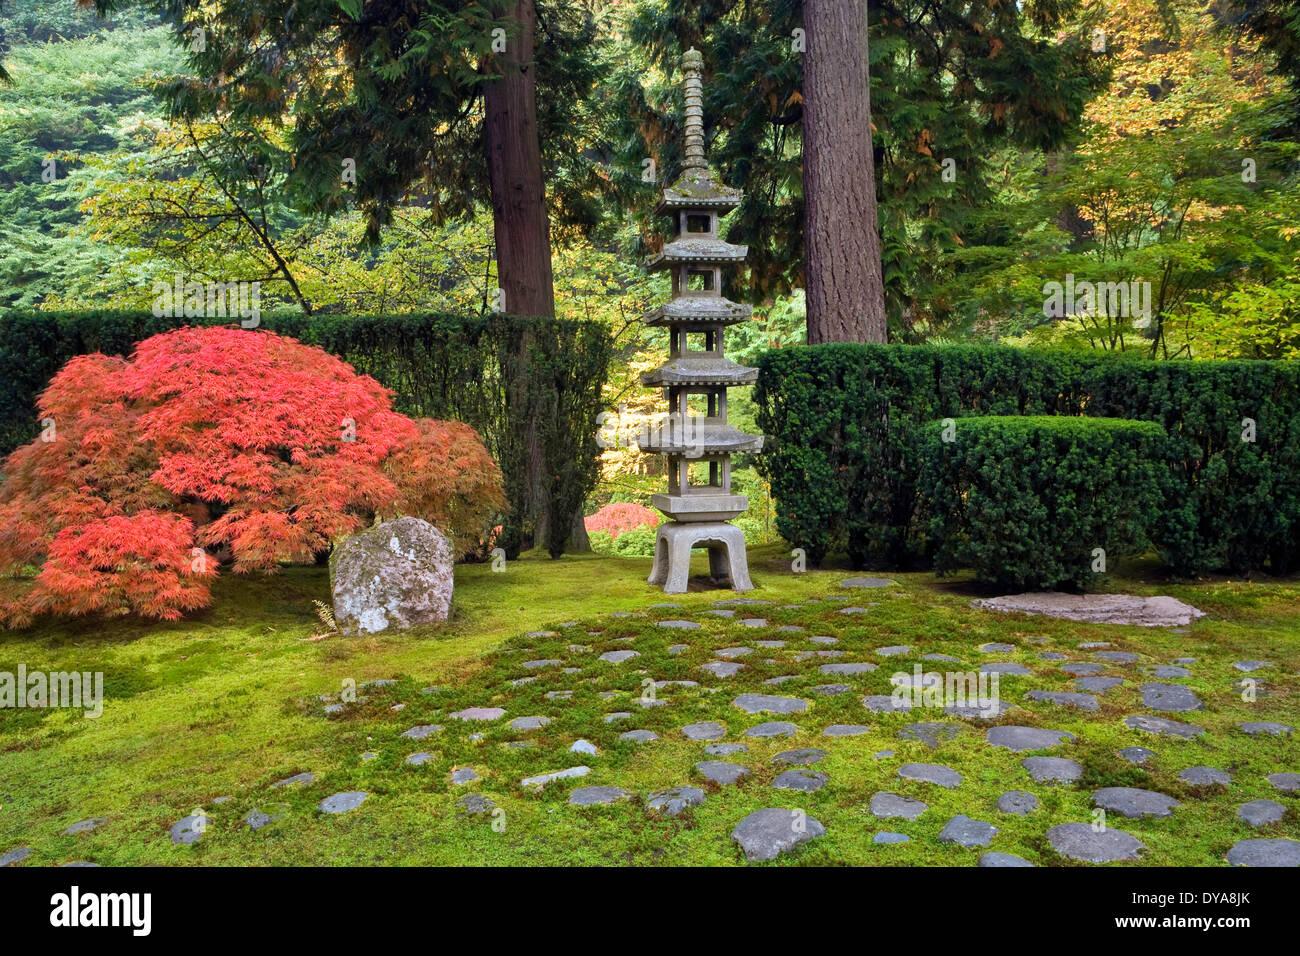 Pagoda Lantern Lantern Japanese Maple Fall Maple Maples Fall Colour  Portland Garden Japanese Garden Zen Oregon